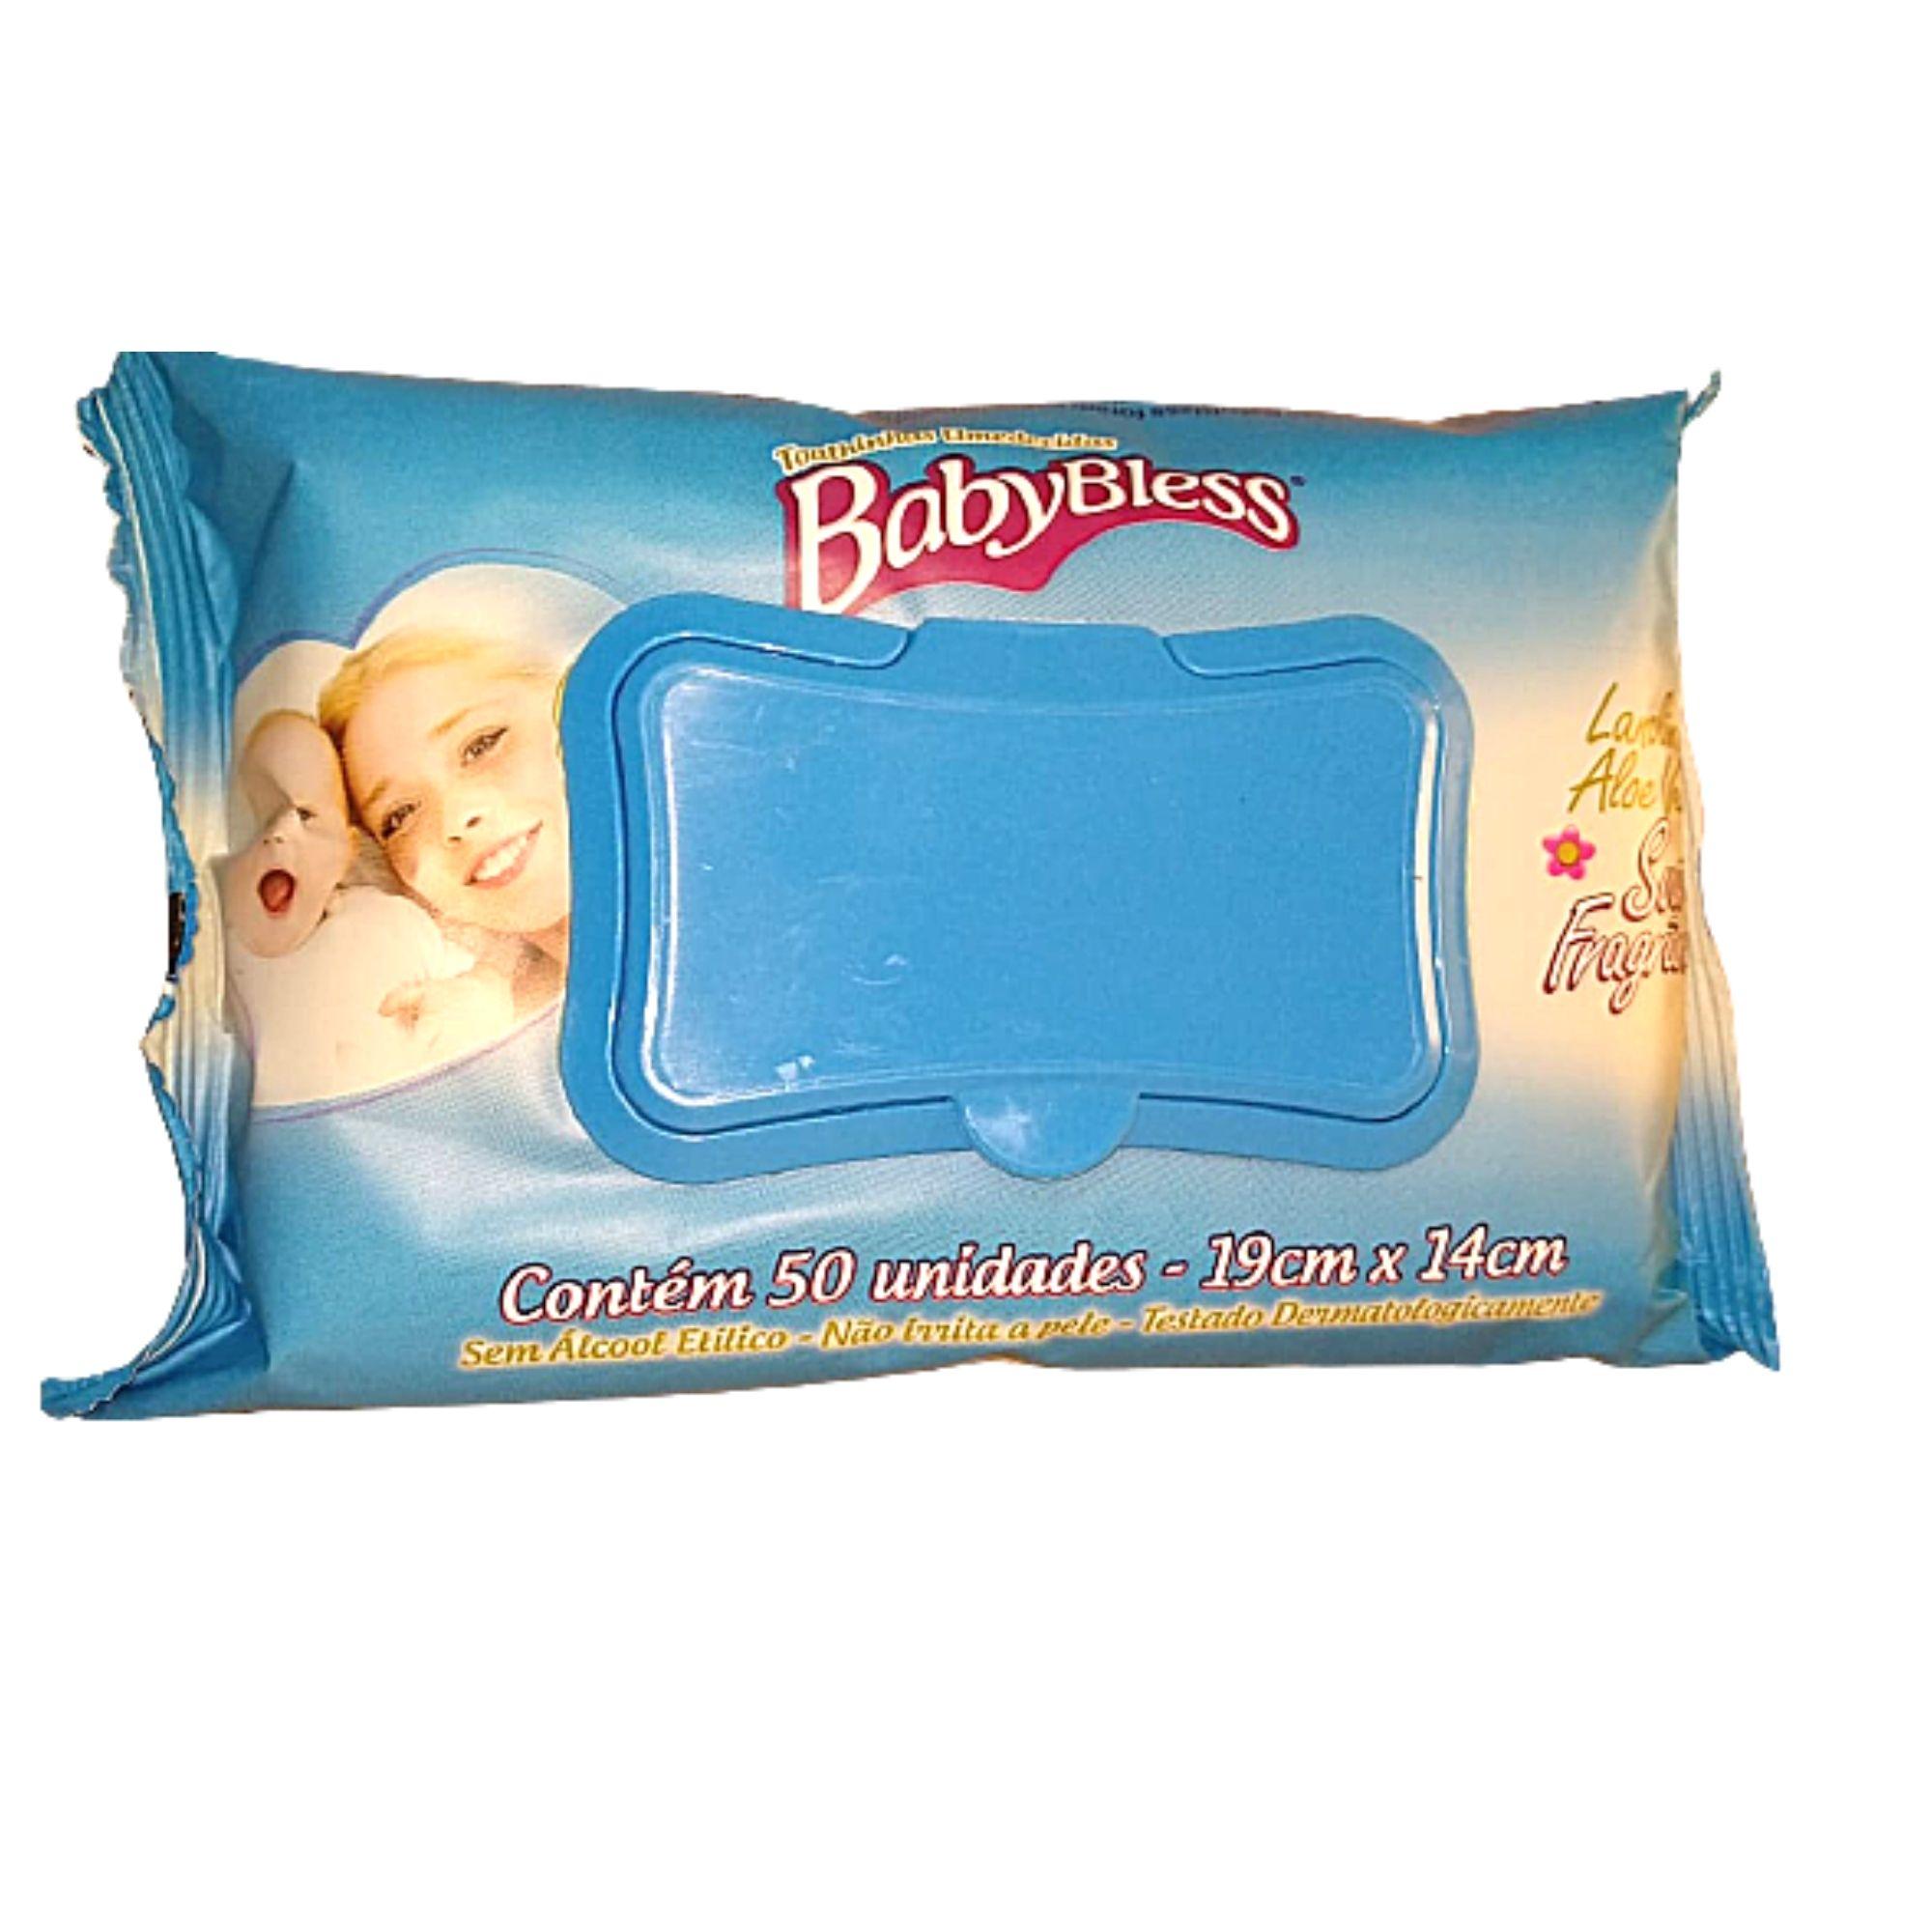 Lenço Umedecido BabyBless 1 Pacote com 50 unidades Super macias e espessas